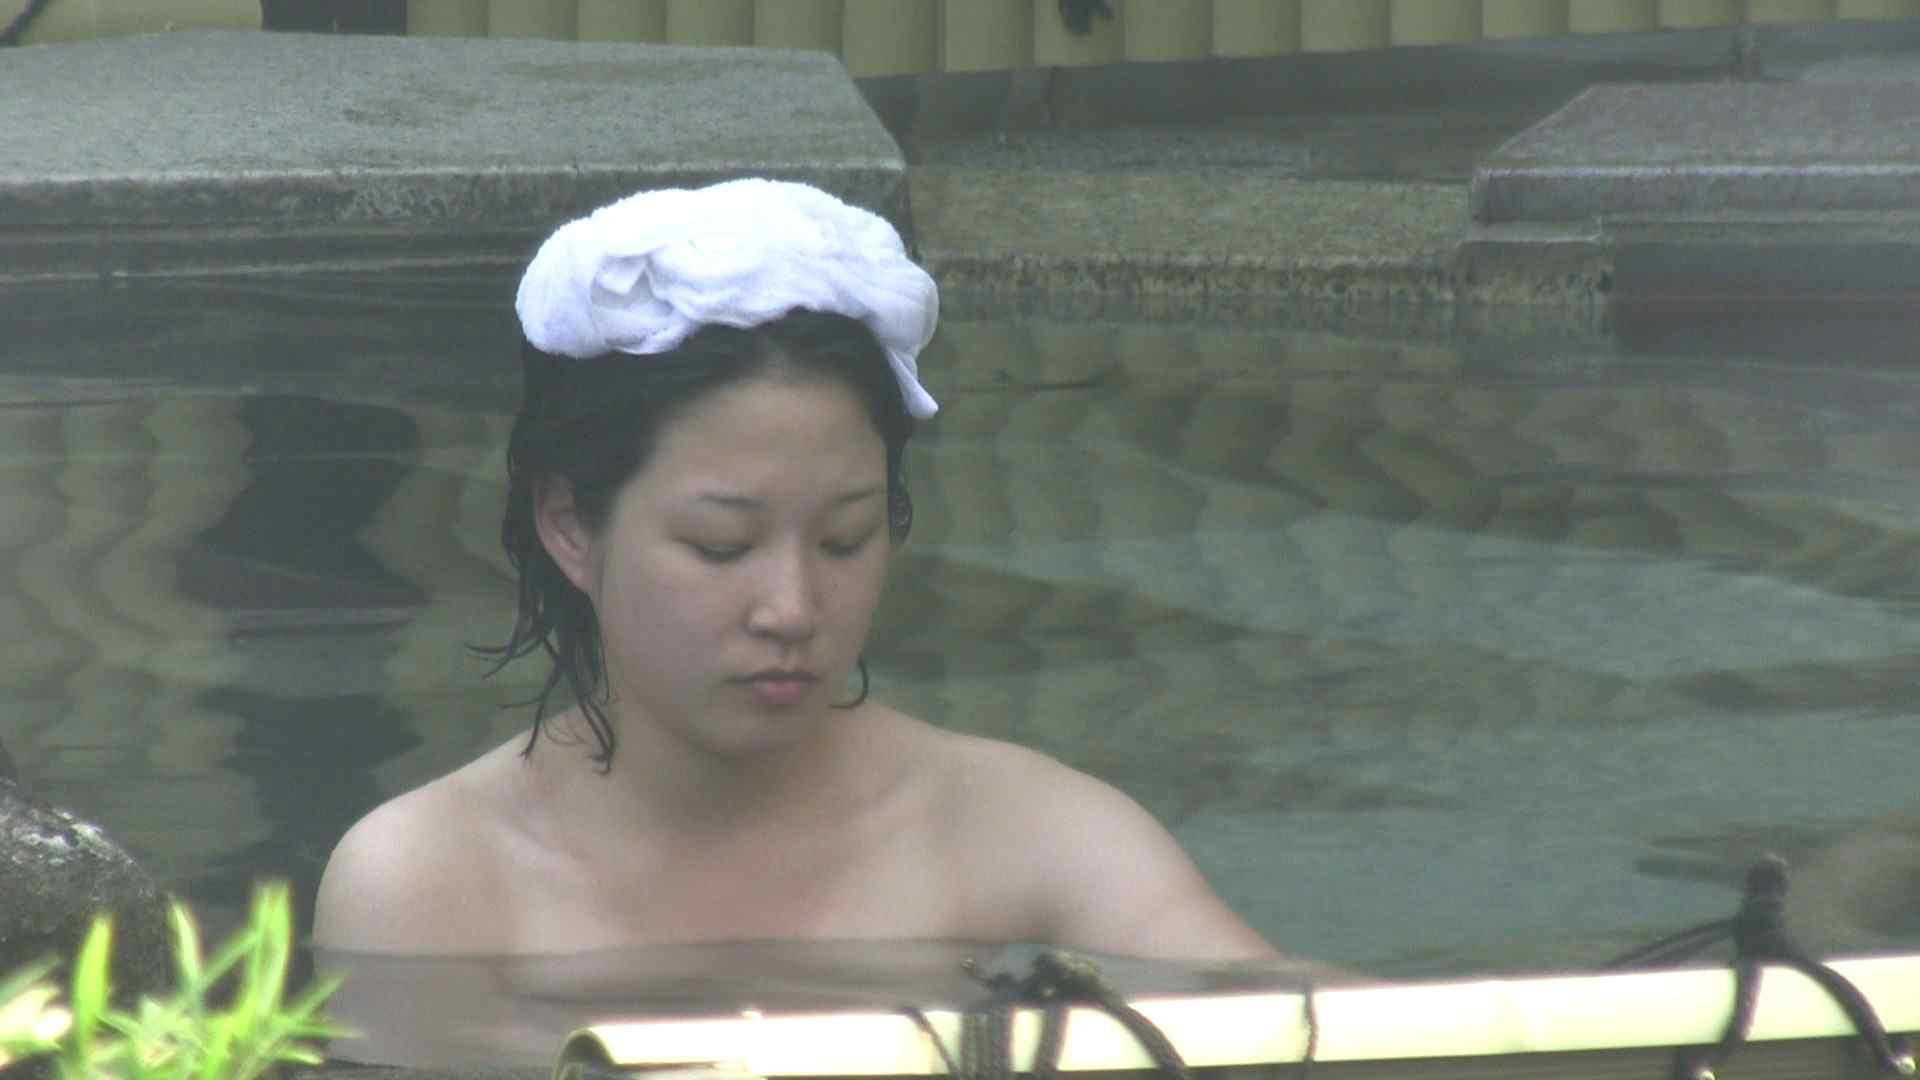 Aquaな露天風呂Vol.172 OL女体 スケベ動画紹介 60連発 59